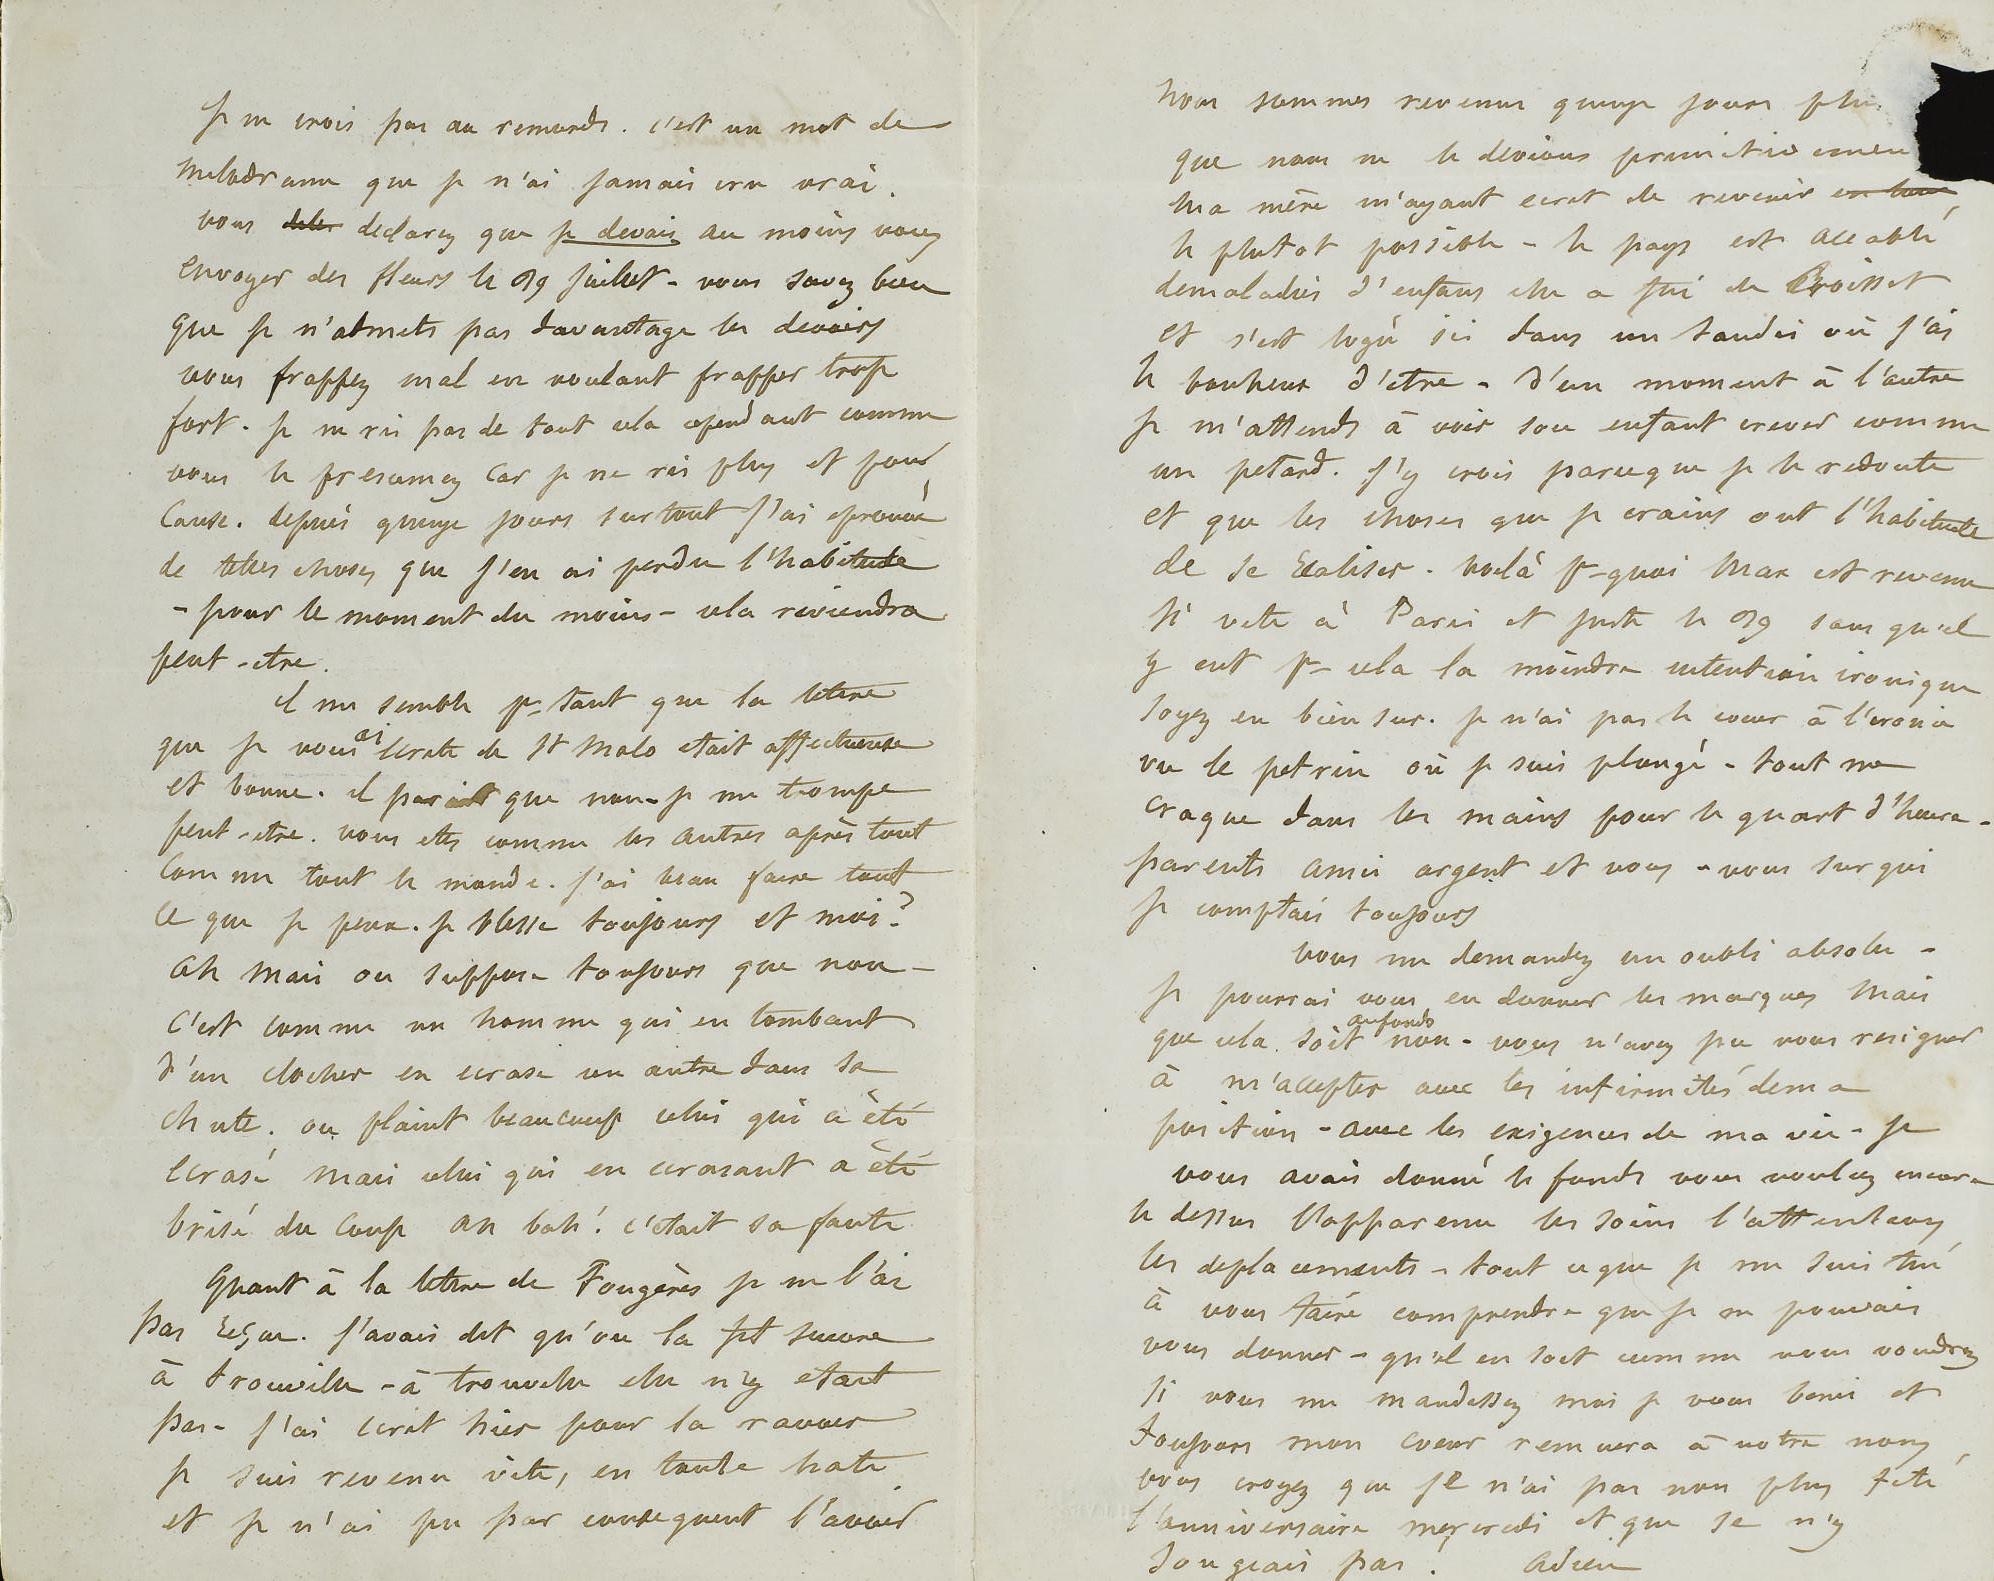 FLAUBERT, Gustave (1821-1880). Lettre autographe à Louise Colet. La Bouille, s.d. [6 août 1847].